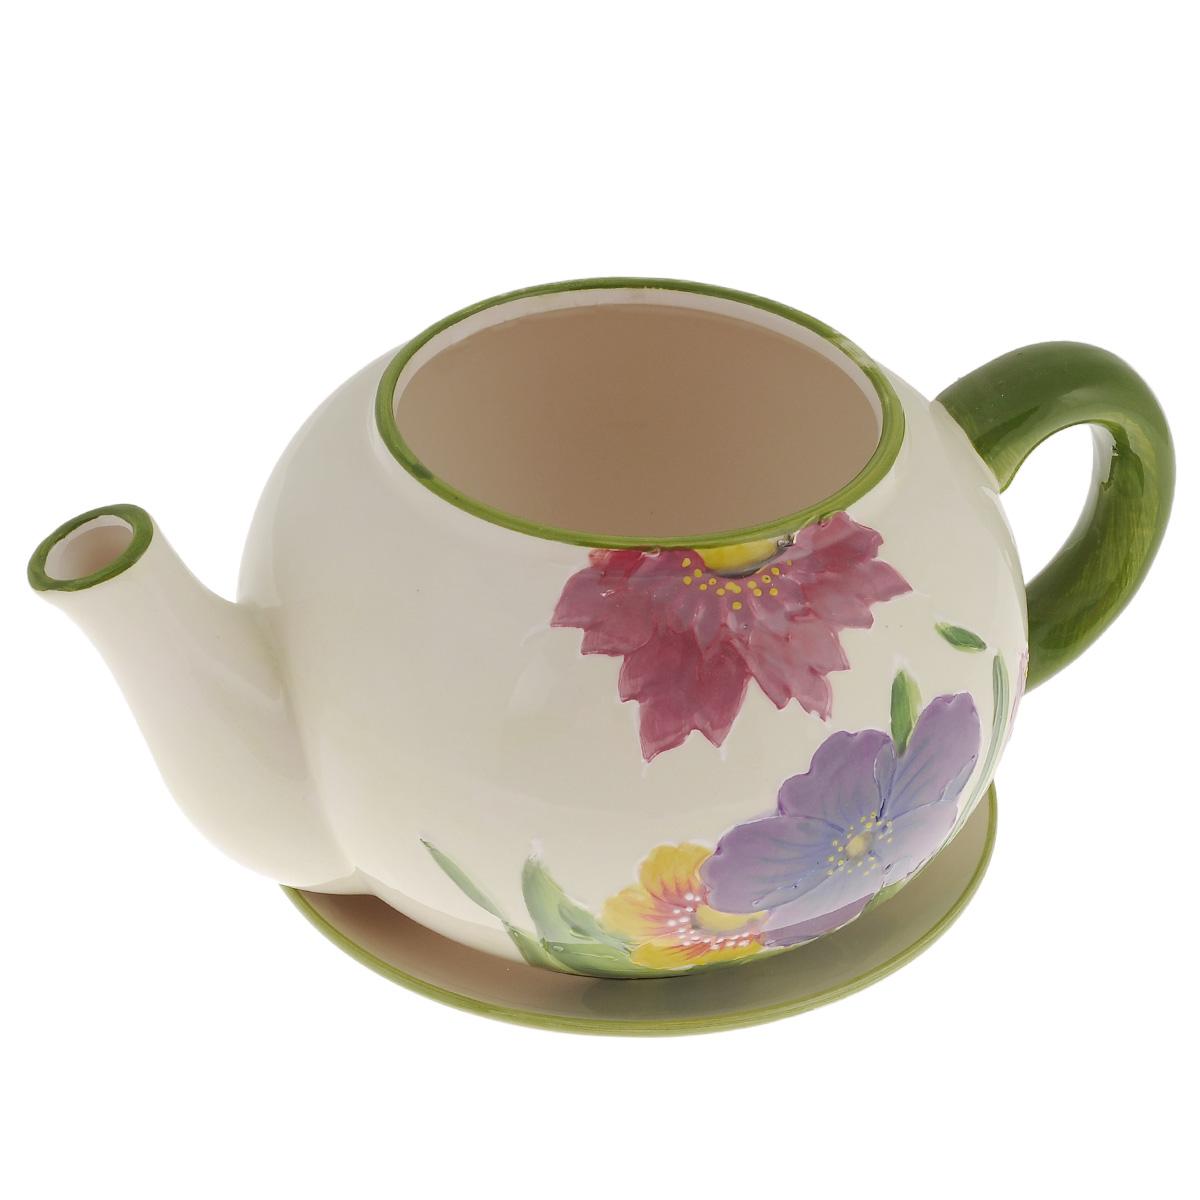 Кашпо Lillo Заварочный чайник, с поддоном. XY10S015-1AKOC_SOL249_G4Кашпо-горшок для цветов Lillo Заварочный чайник выполнен из прочной керамики и декорирован красочным рисунком. Изделие предназначено для цветов.Такие изделия часто становятся последним штрихом, который совершенно изменяет интерьер помещения или ландшафтный дизайн сада. Благодаря такому кашпо вы сможете украсить вашу комнату, офис, сад и другие места. Изделие оснащено специальным поддоном - блюдцем.Диаметр кашпо по верхнему краю: 12 см.Высота кашпо (без учета поддона): 14 см.Диаметр поддона: 20,5 см.